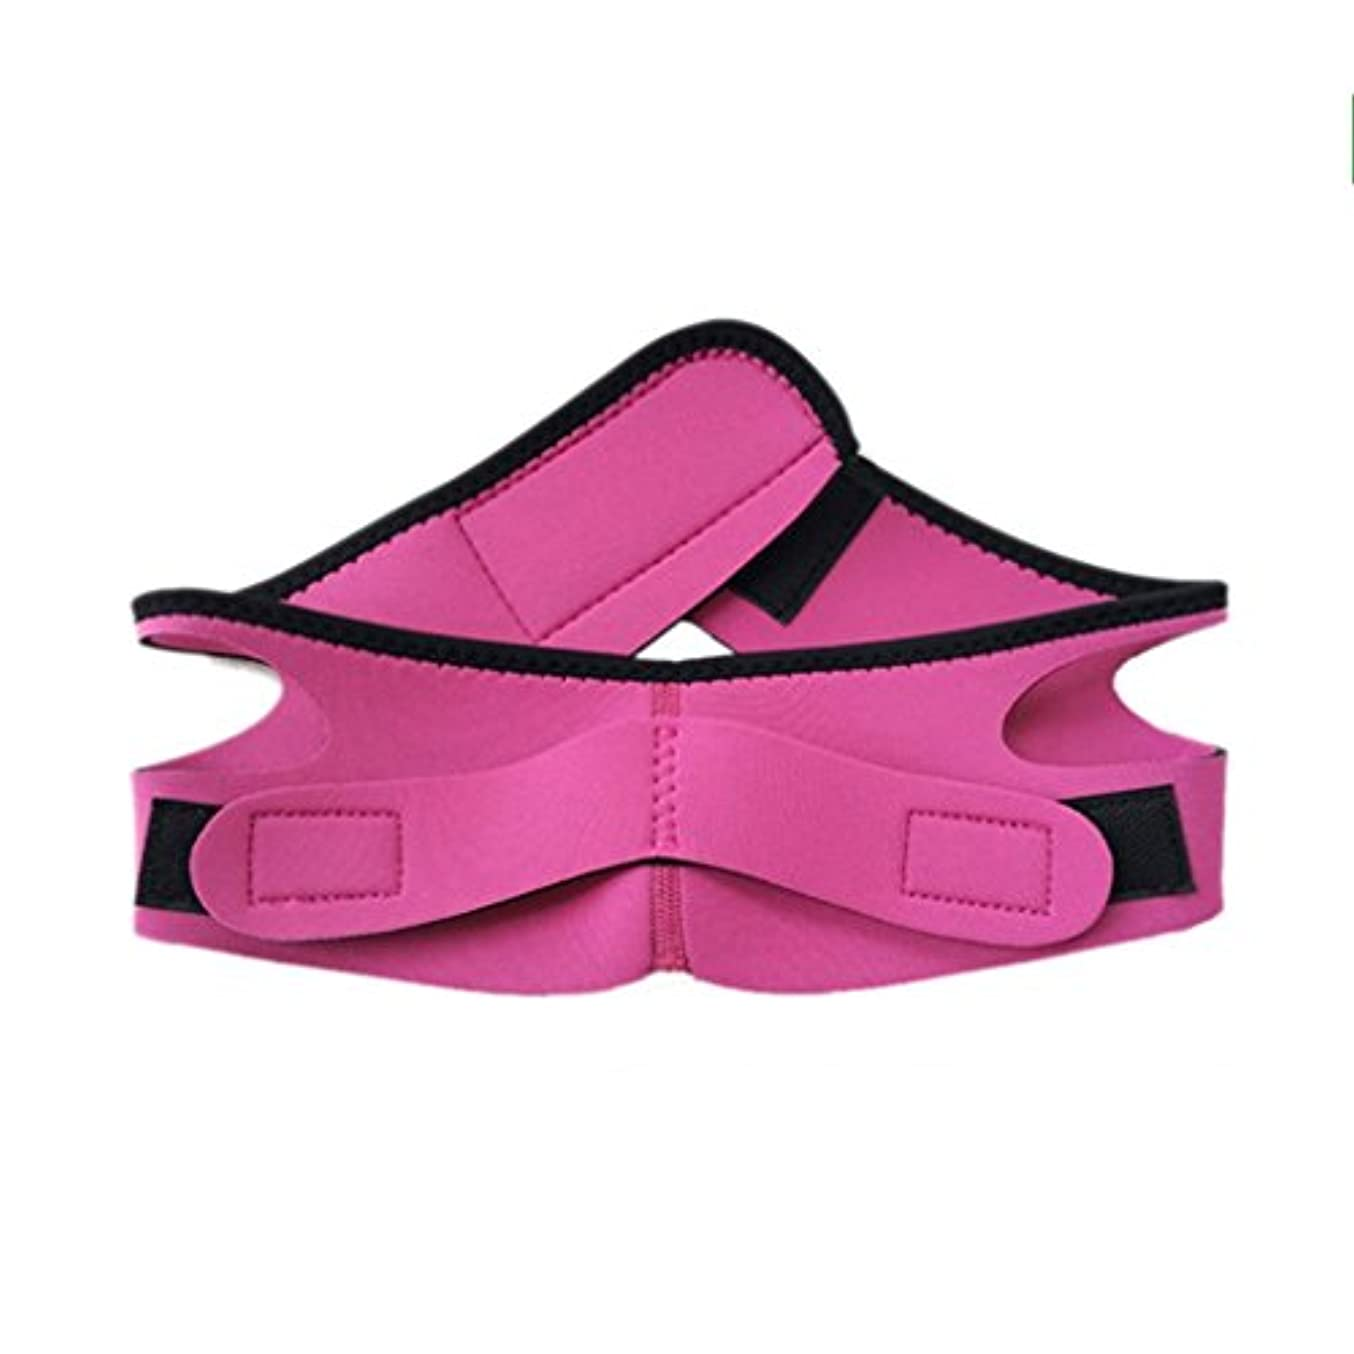 勢いリベラルアジア人Qi いびき予防、あごの下の顎の転倒 - ベルトを止める - 口呼吸を防ぐ私はいびきを起こす - 眠りと睡眠の矯正アーティファクト(68cm * 8.5cm) Xia (色 : Pink)